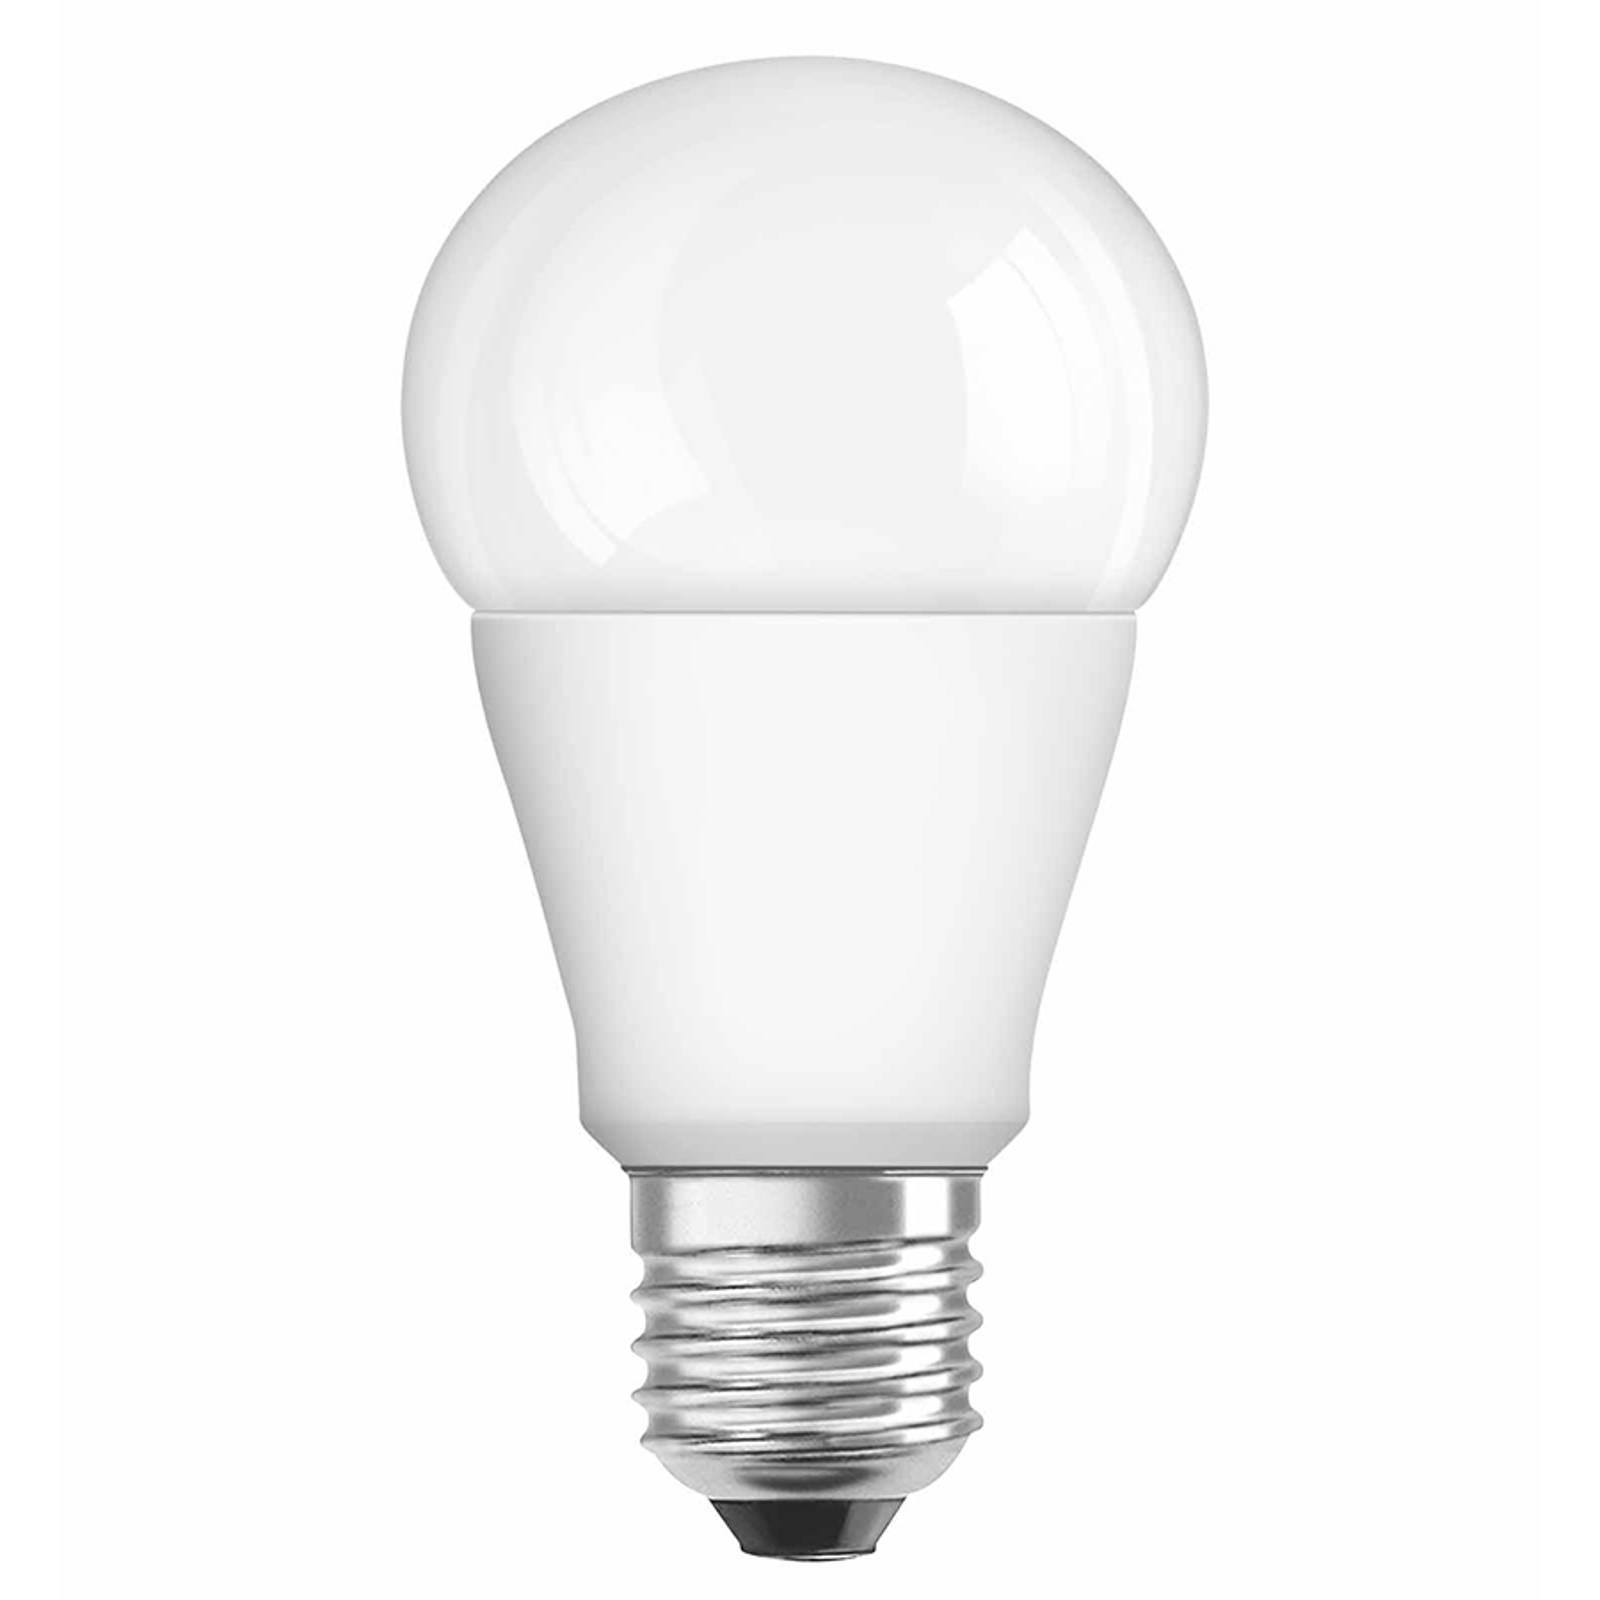 OSRAM-LED-lamppu Star matt E27 5,5W perusvalkoinen